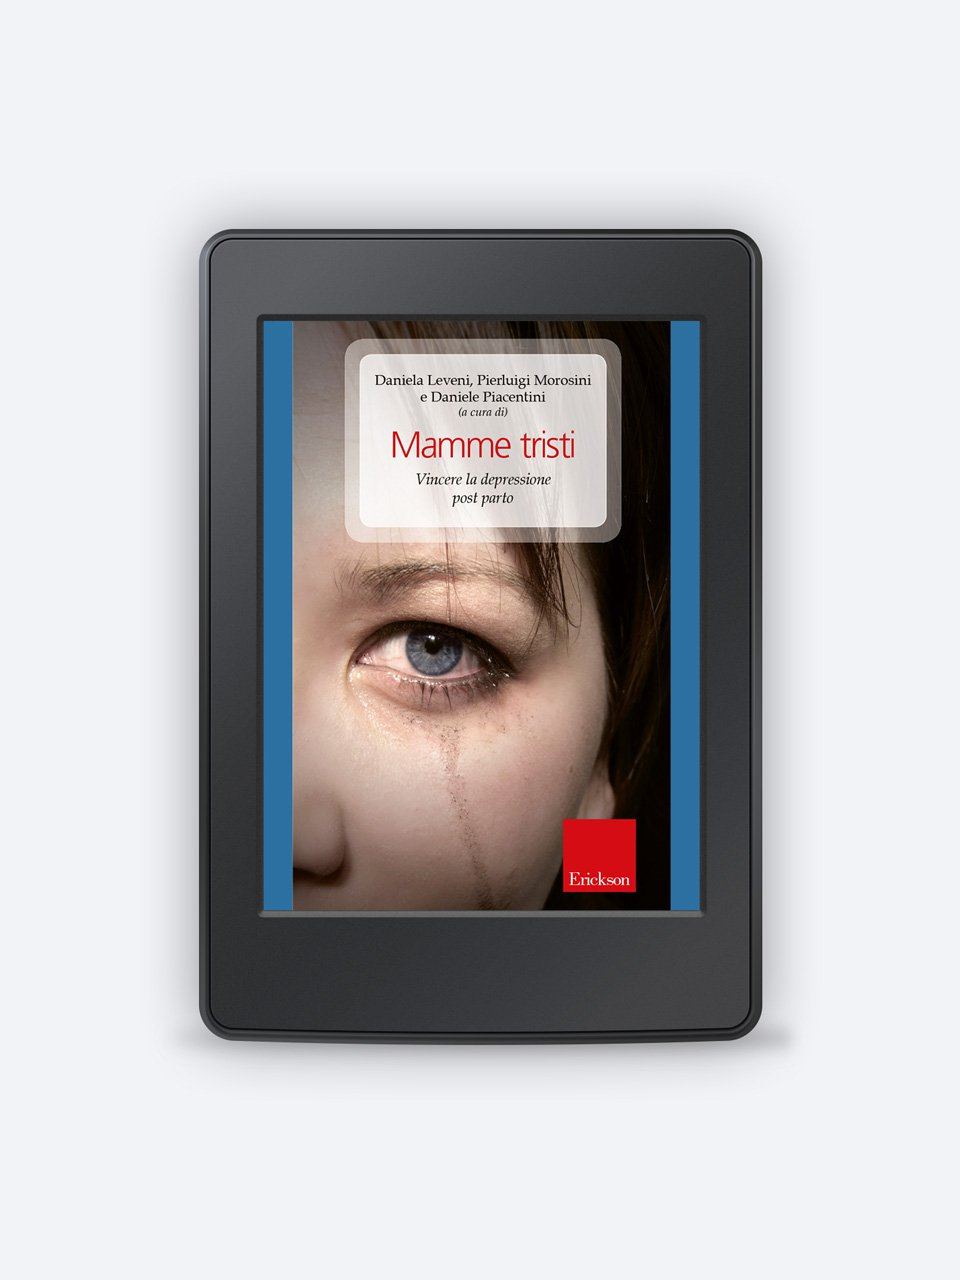 Mamme tristi - Superare la depressione - Libri - Erickson